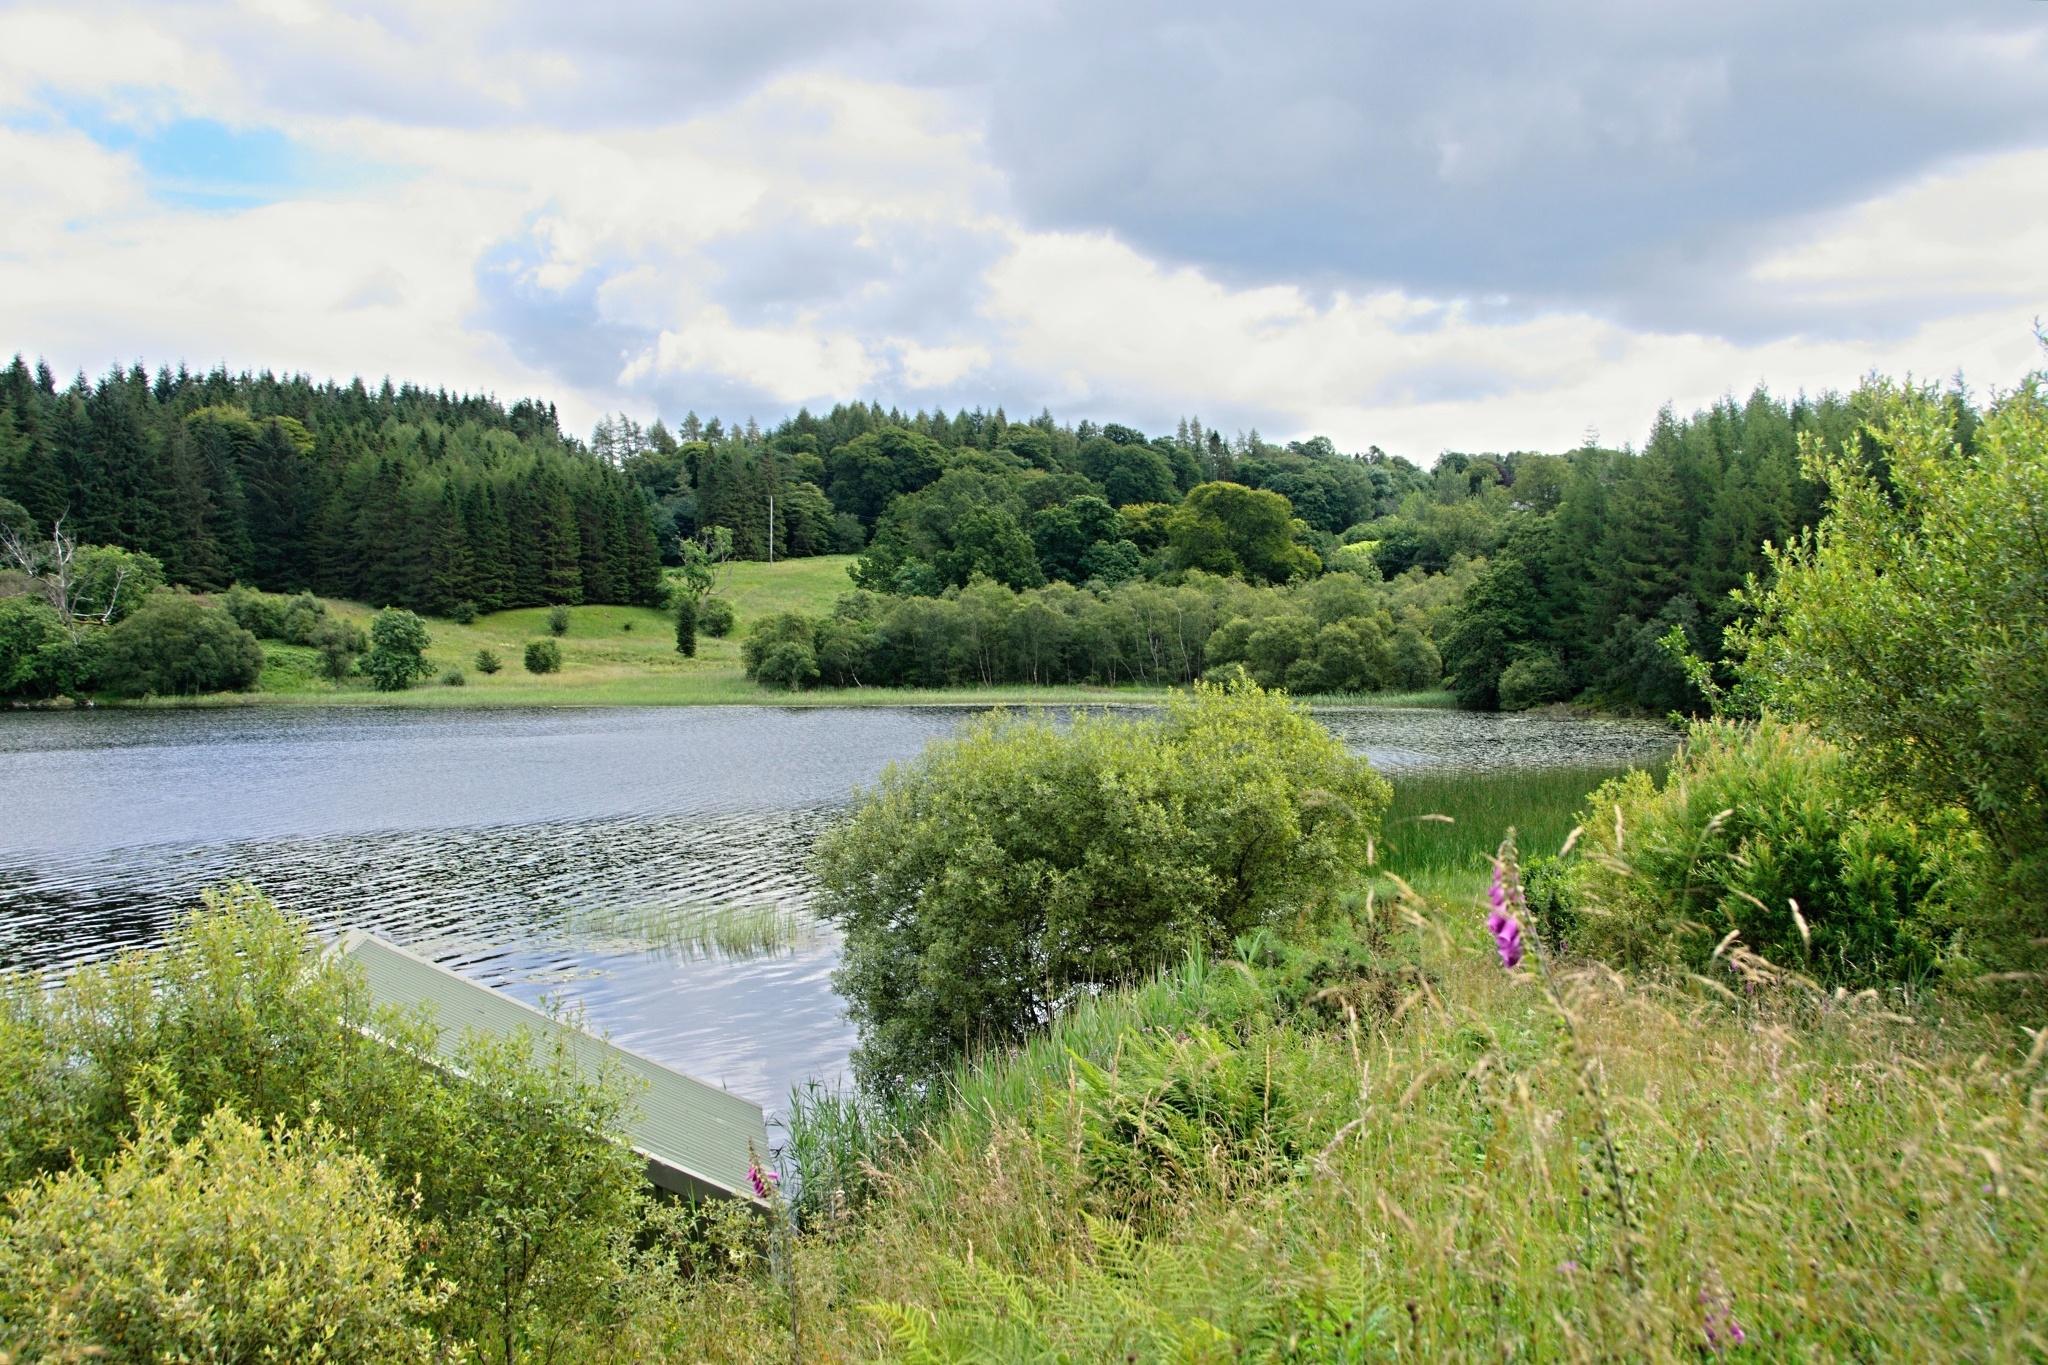 Vypadá to jako malý rybník, ale je to malé jezero Craigallian